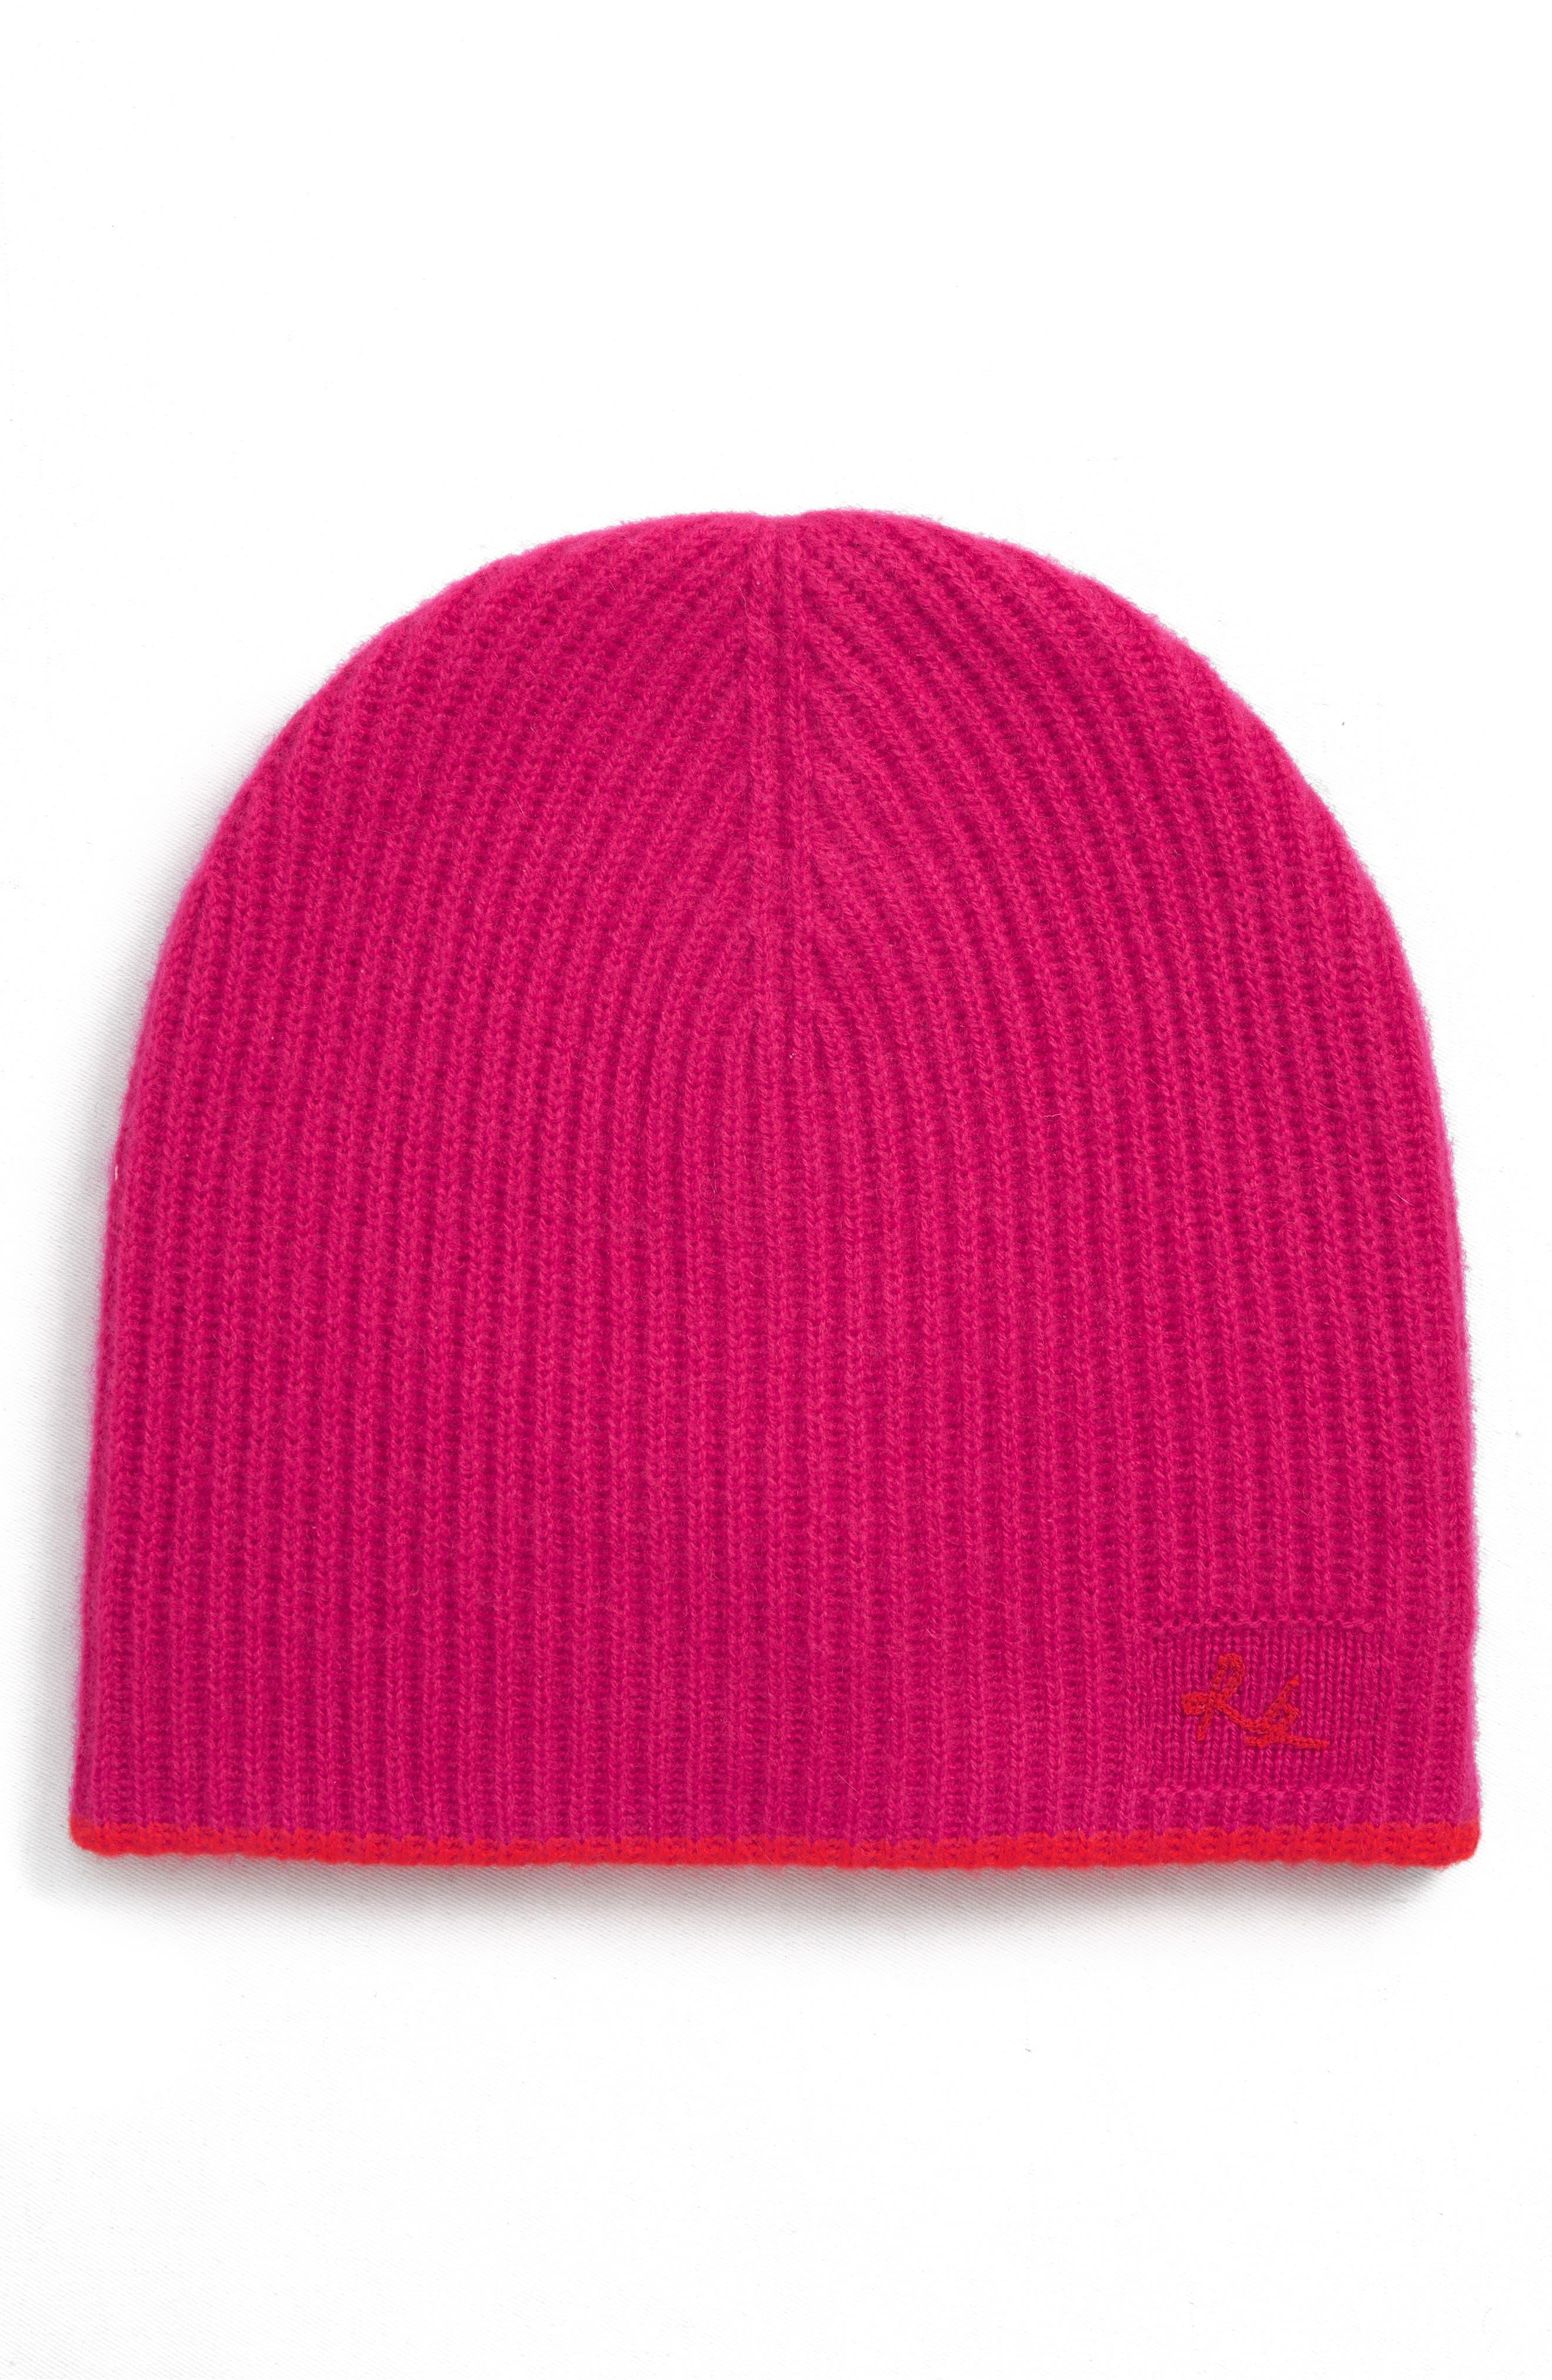 Yorke Cashmere Beanie - Pink